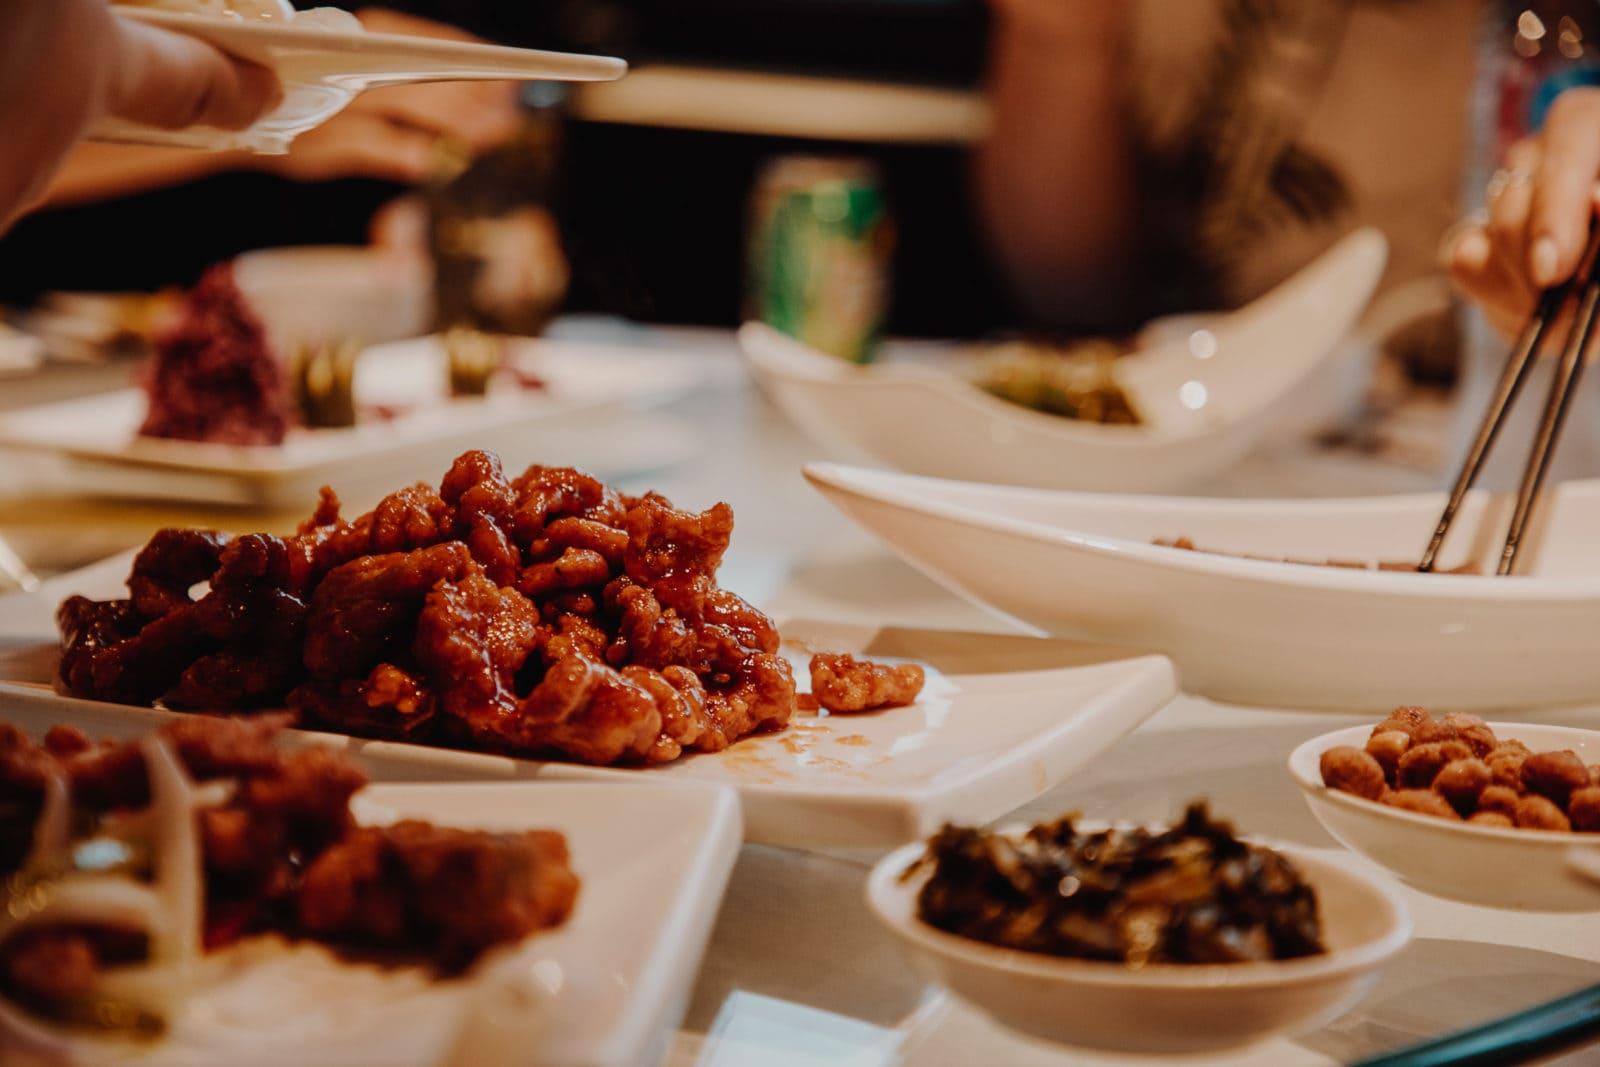 Suzhou Küche Essen Spezialitäten chinesische Küche beste Restaurants